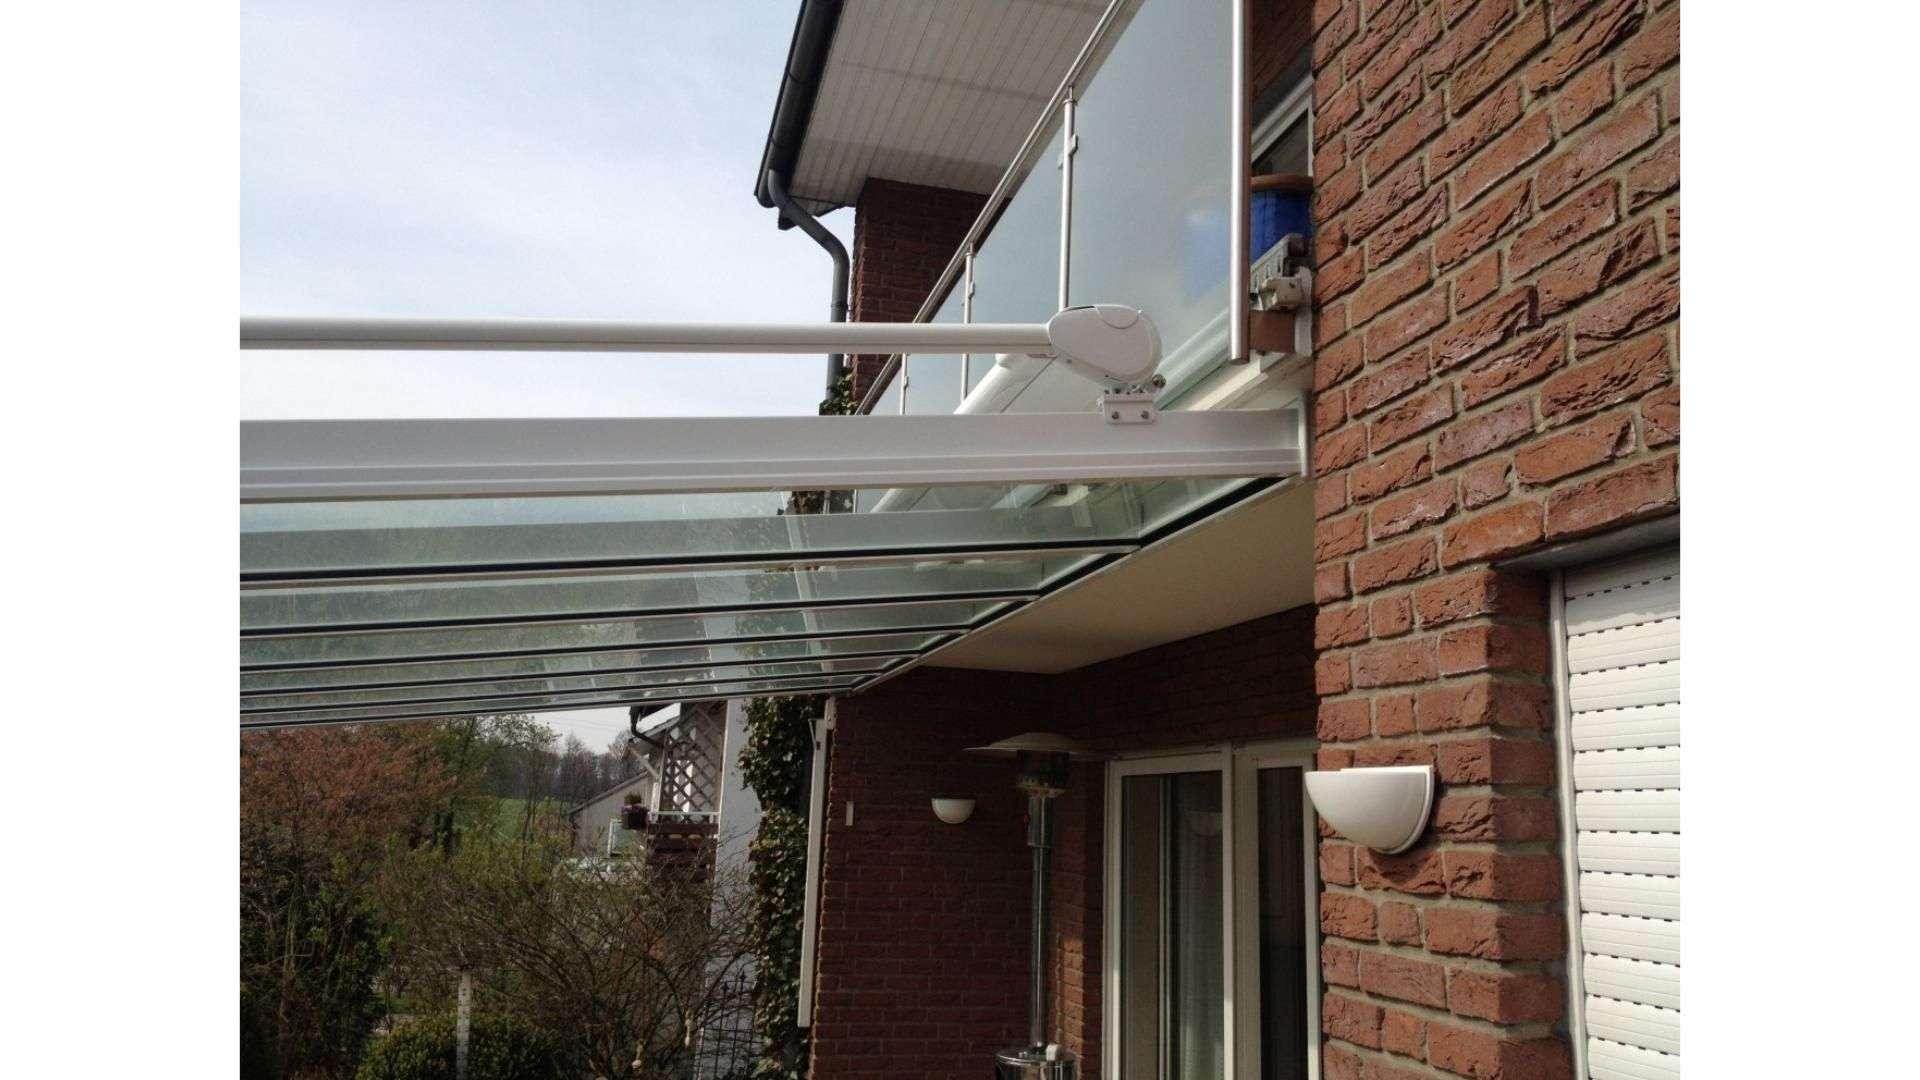 Seitenansicht eines Terrassendaches unter einem Balkon